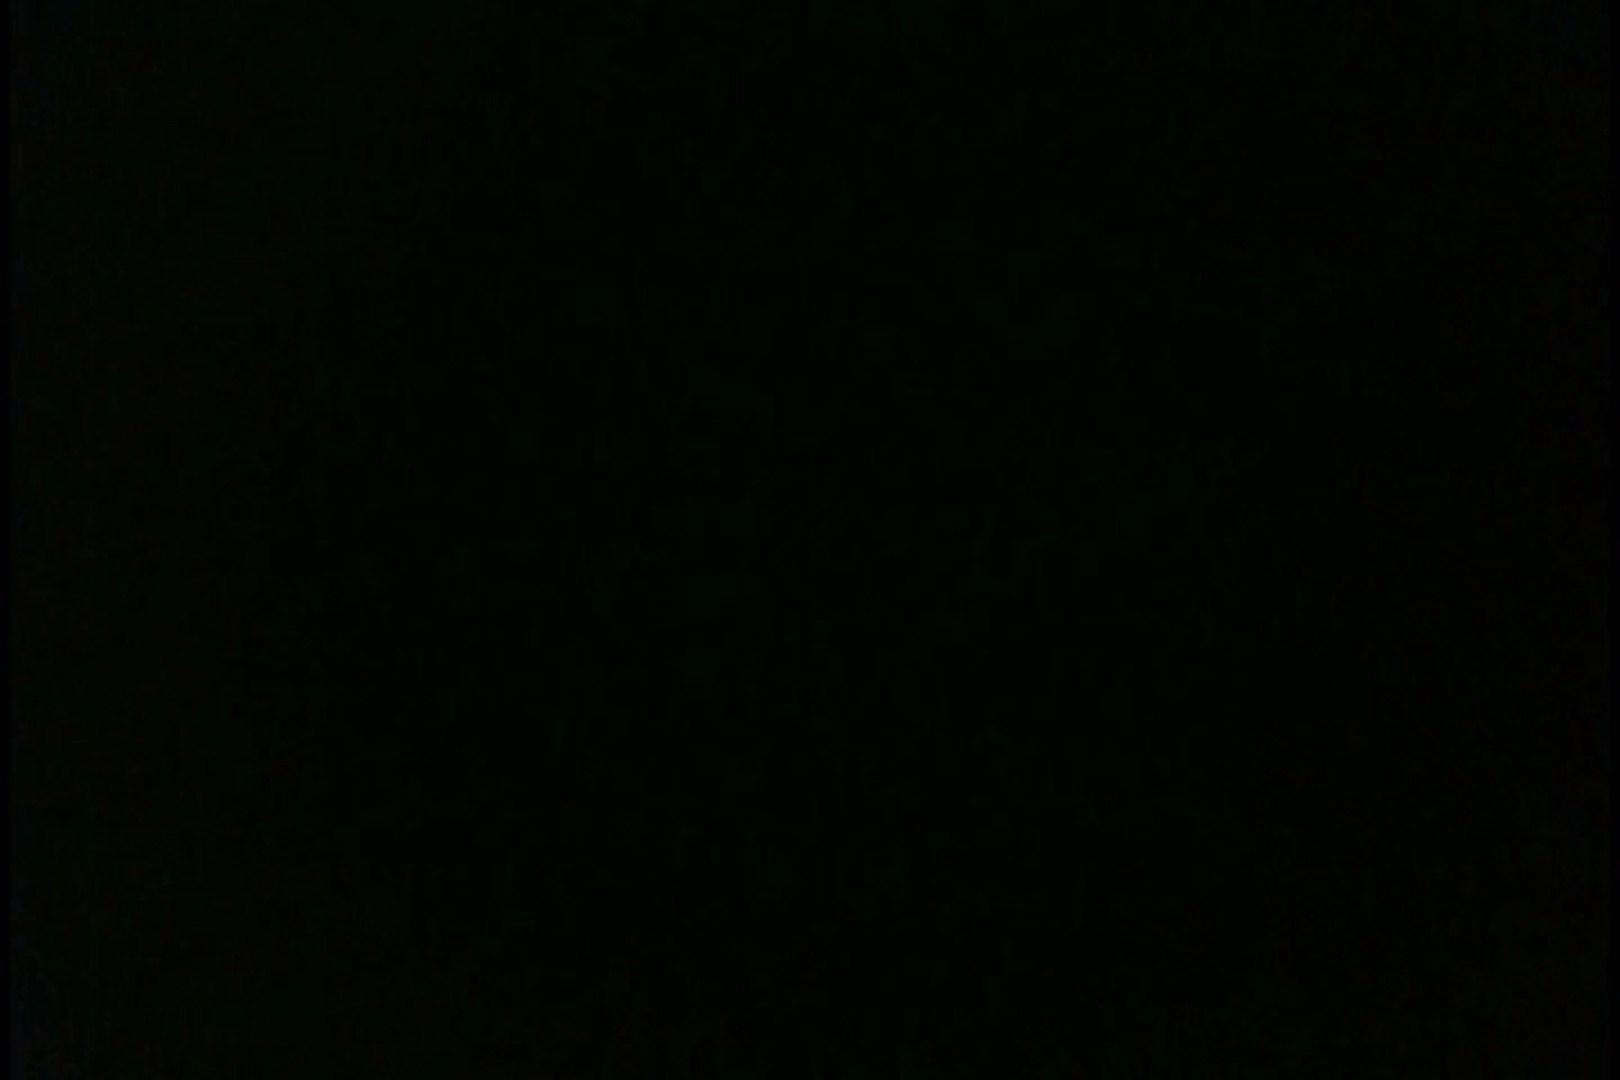 投稿!山下さんの闘病日記 激カワナースパンチラ vol.04 ナースのエロ動画 おまんこ無修正動画無料 83PIX 11